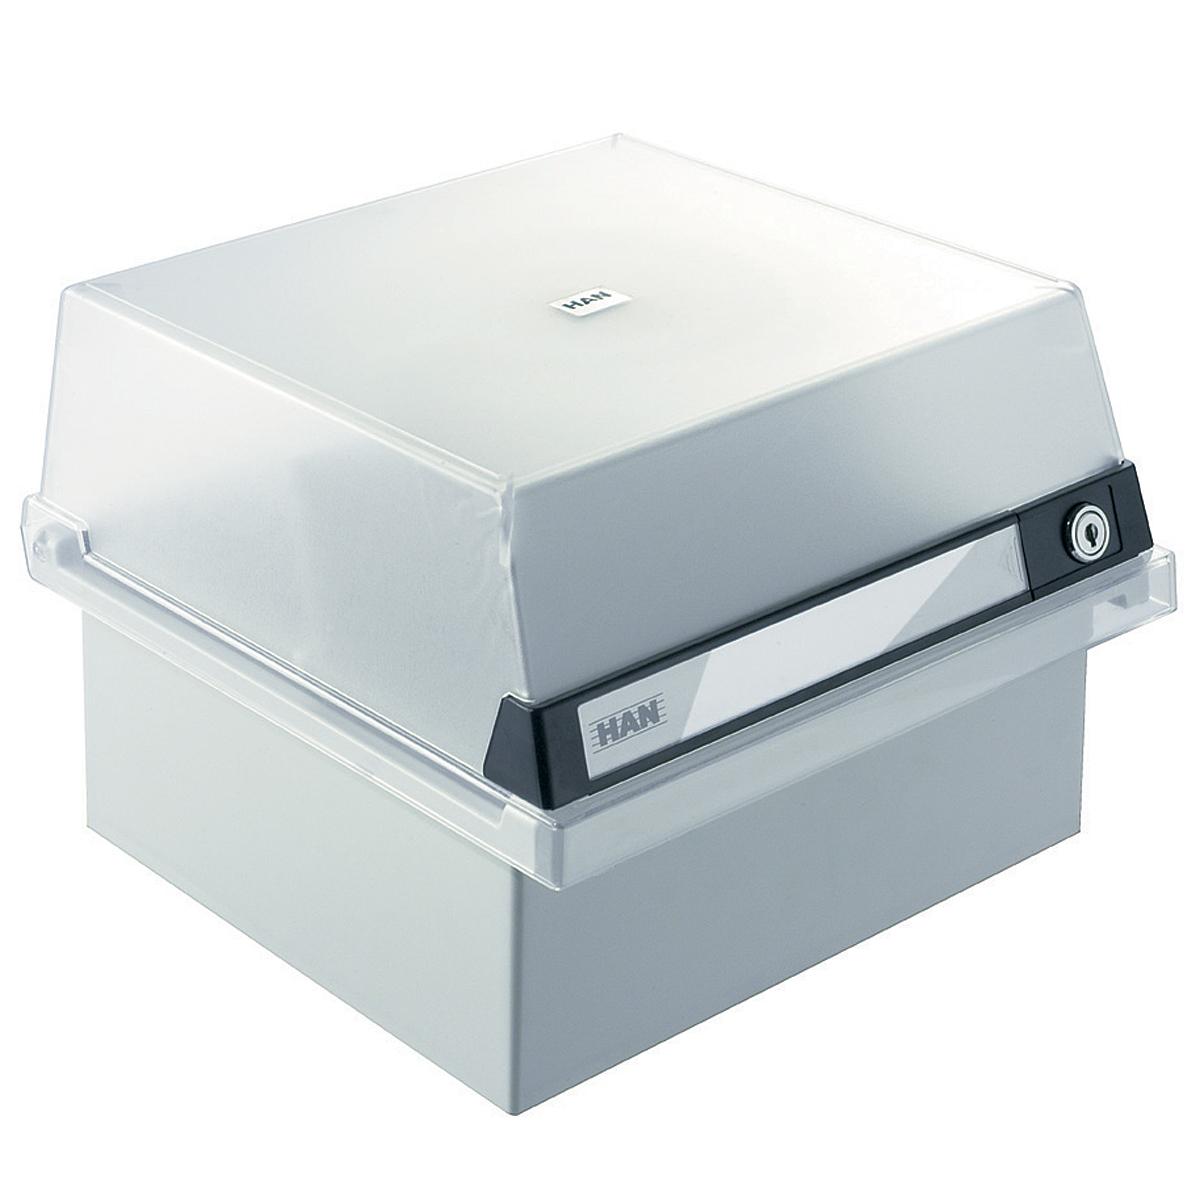 Лоток для бумаг горизонтальный HAN, с крышкой, цвет: светло-серый, формат А5. HA965/S/631FS-54100Горизонтальный лоток для бумаг HAN поможет вам навести порядок на столе и сэкономить пространство. Лоток подойдет для карточек формата А5 и меньше.Лоток состоит из 3 вместительных секций, и, благодаря оригинальному дизайну и классической форме, органично впишется в любой интерьер. В комплект входят 1 прозрачный ярлык и 1 пластиковый съемный разделитель, всего лоток оснащен вырубками для 16 разделителей. Таким образом, можно изменять размер секций, что позволяет настроить лоток так, как будет удобно именно вам. Лоток закрывается прозрачной крышкой на ключ, что обеспечивает сохранность хранящихся в нем бумаг. В комплекте - 2 ключа. На крышке расположено прозрачное окошко для этикетки.Лоток изготовлен из антистатического ударопрочного пластика. Лоток имеет ножки, предотвращающие скольжение по столу и обеспечивающие необходимую устойчивость.Благодаря лотку для бумаг, важные бумаги и документы не потеряются и всегда будут под рукой.